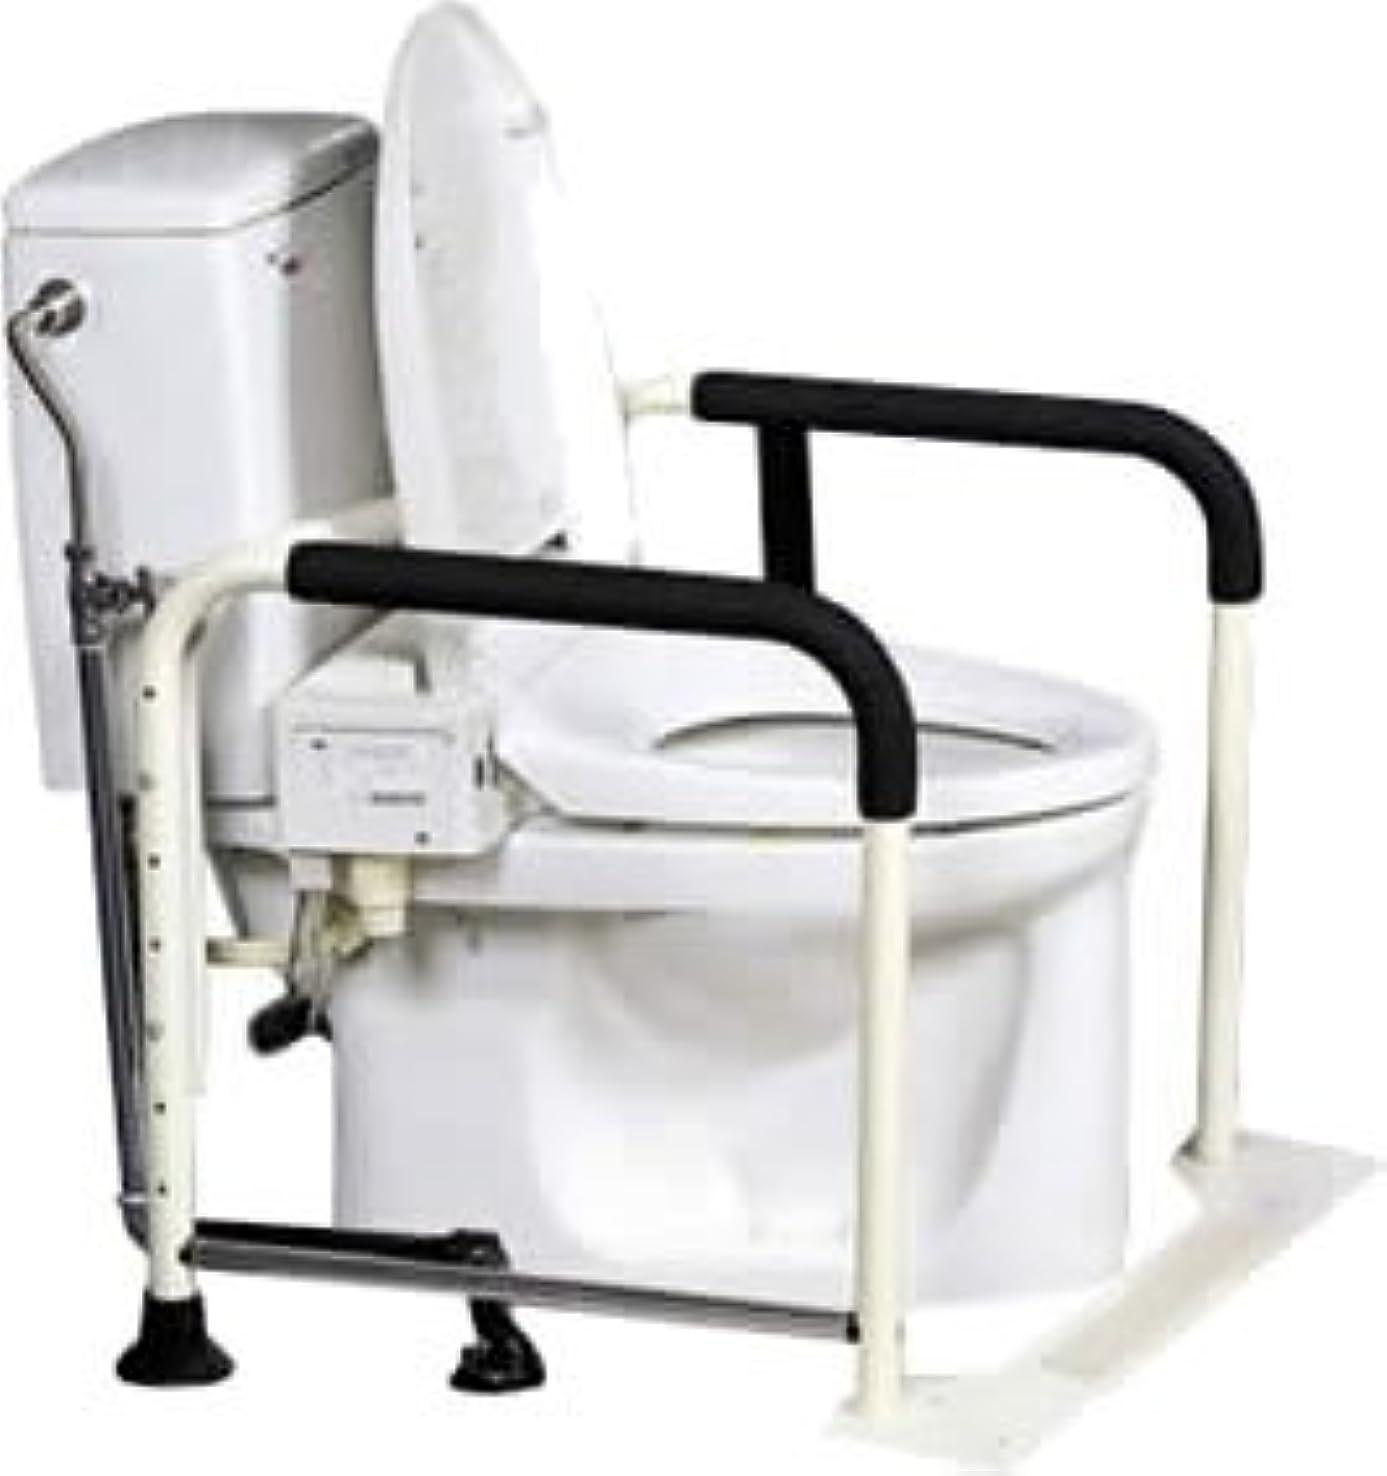 アスリート踏み台割り当てイーストアイ (MW30) トイレの手すり ワイド&菱形タイプ (専用工具付)